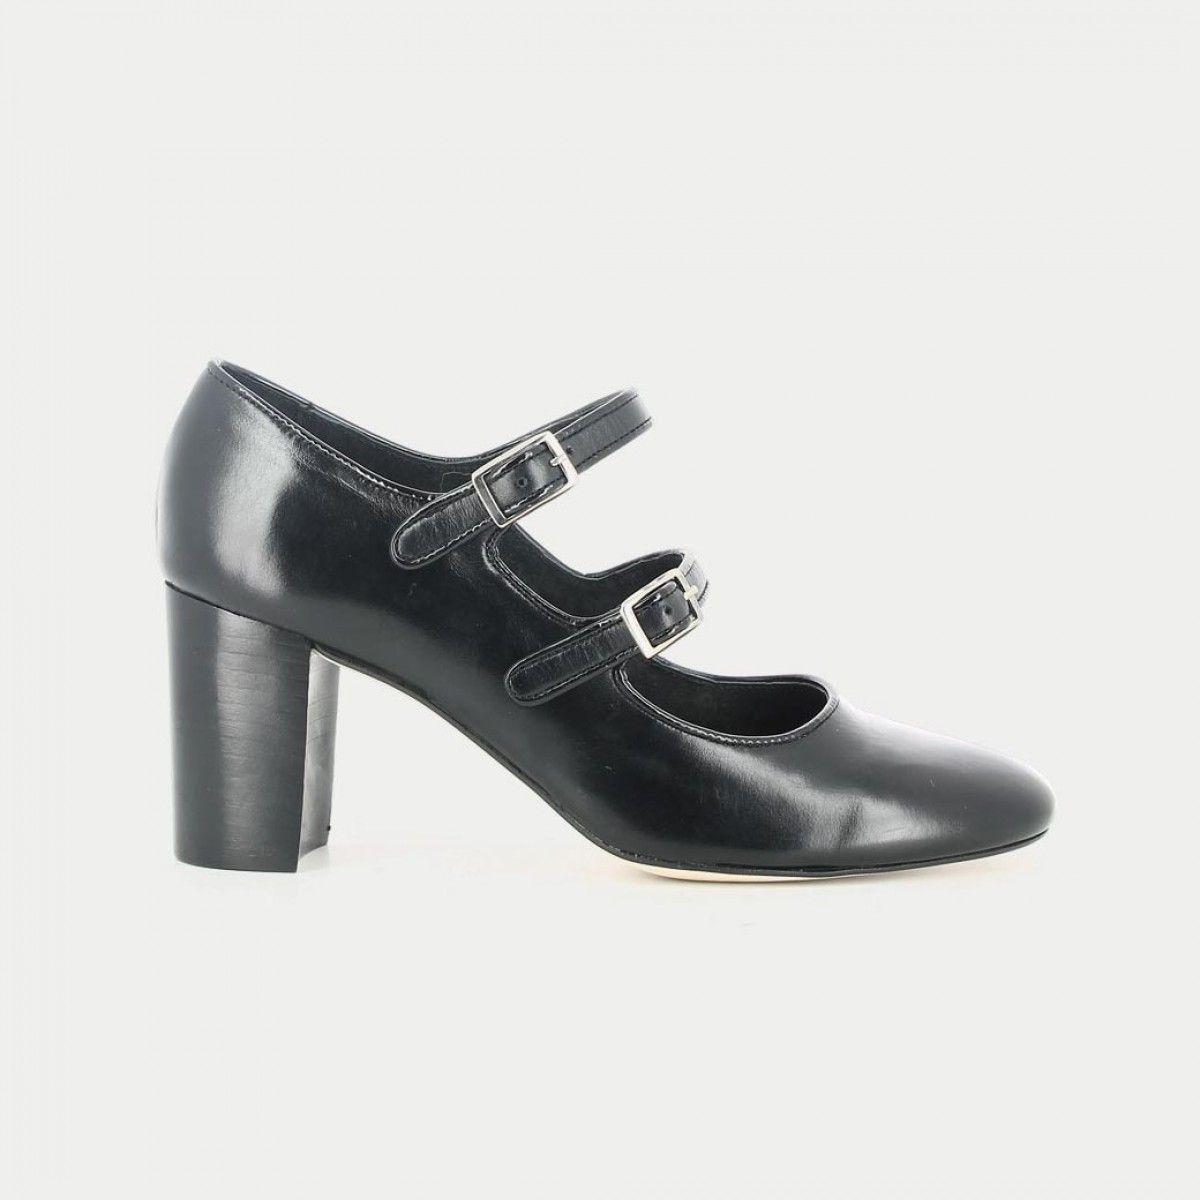 32f08f093fcef Découvrez l univers Jonak   des collections de chaussures et maroquinerie  aux modèles tendances, urbains et uniques conçus par nos créateurs.